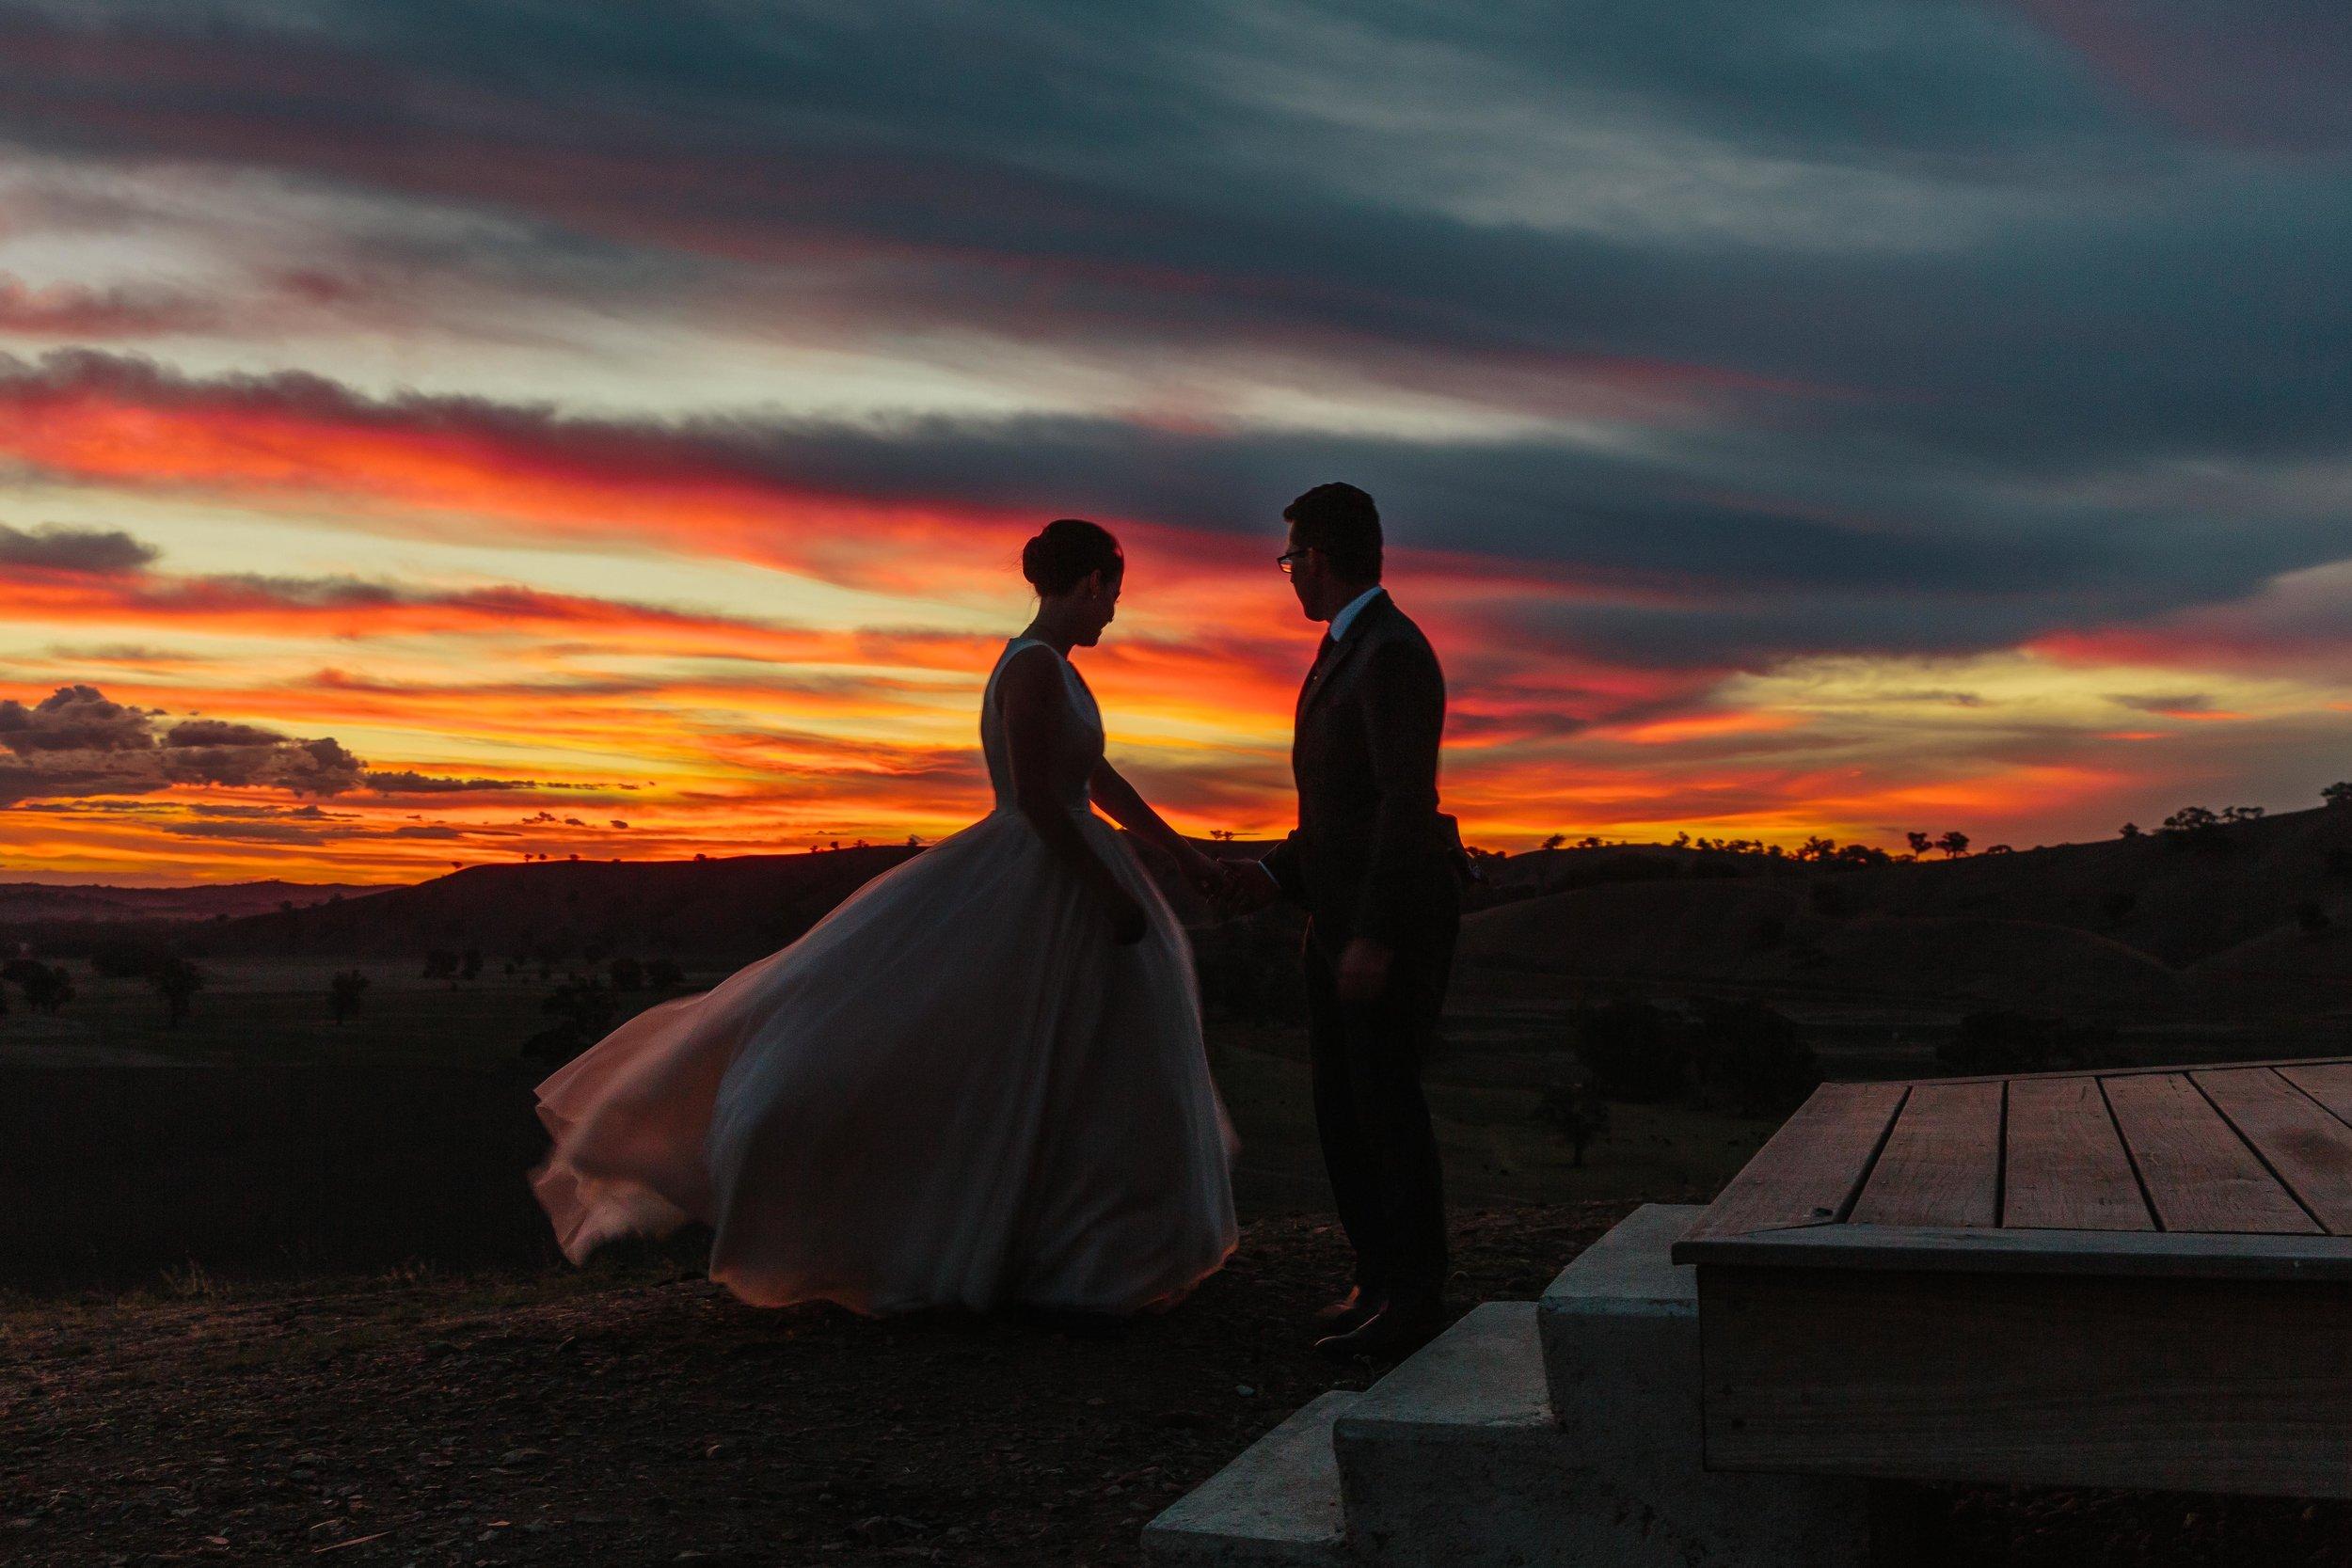 Lachlan-Jordan-Photography-7493.jpg